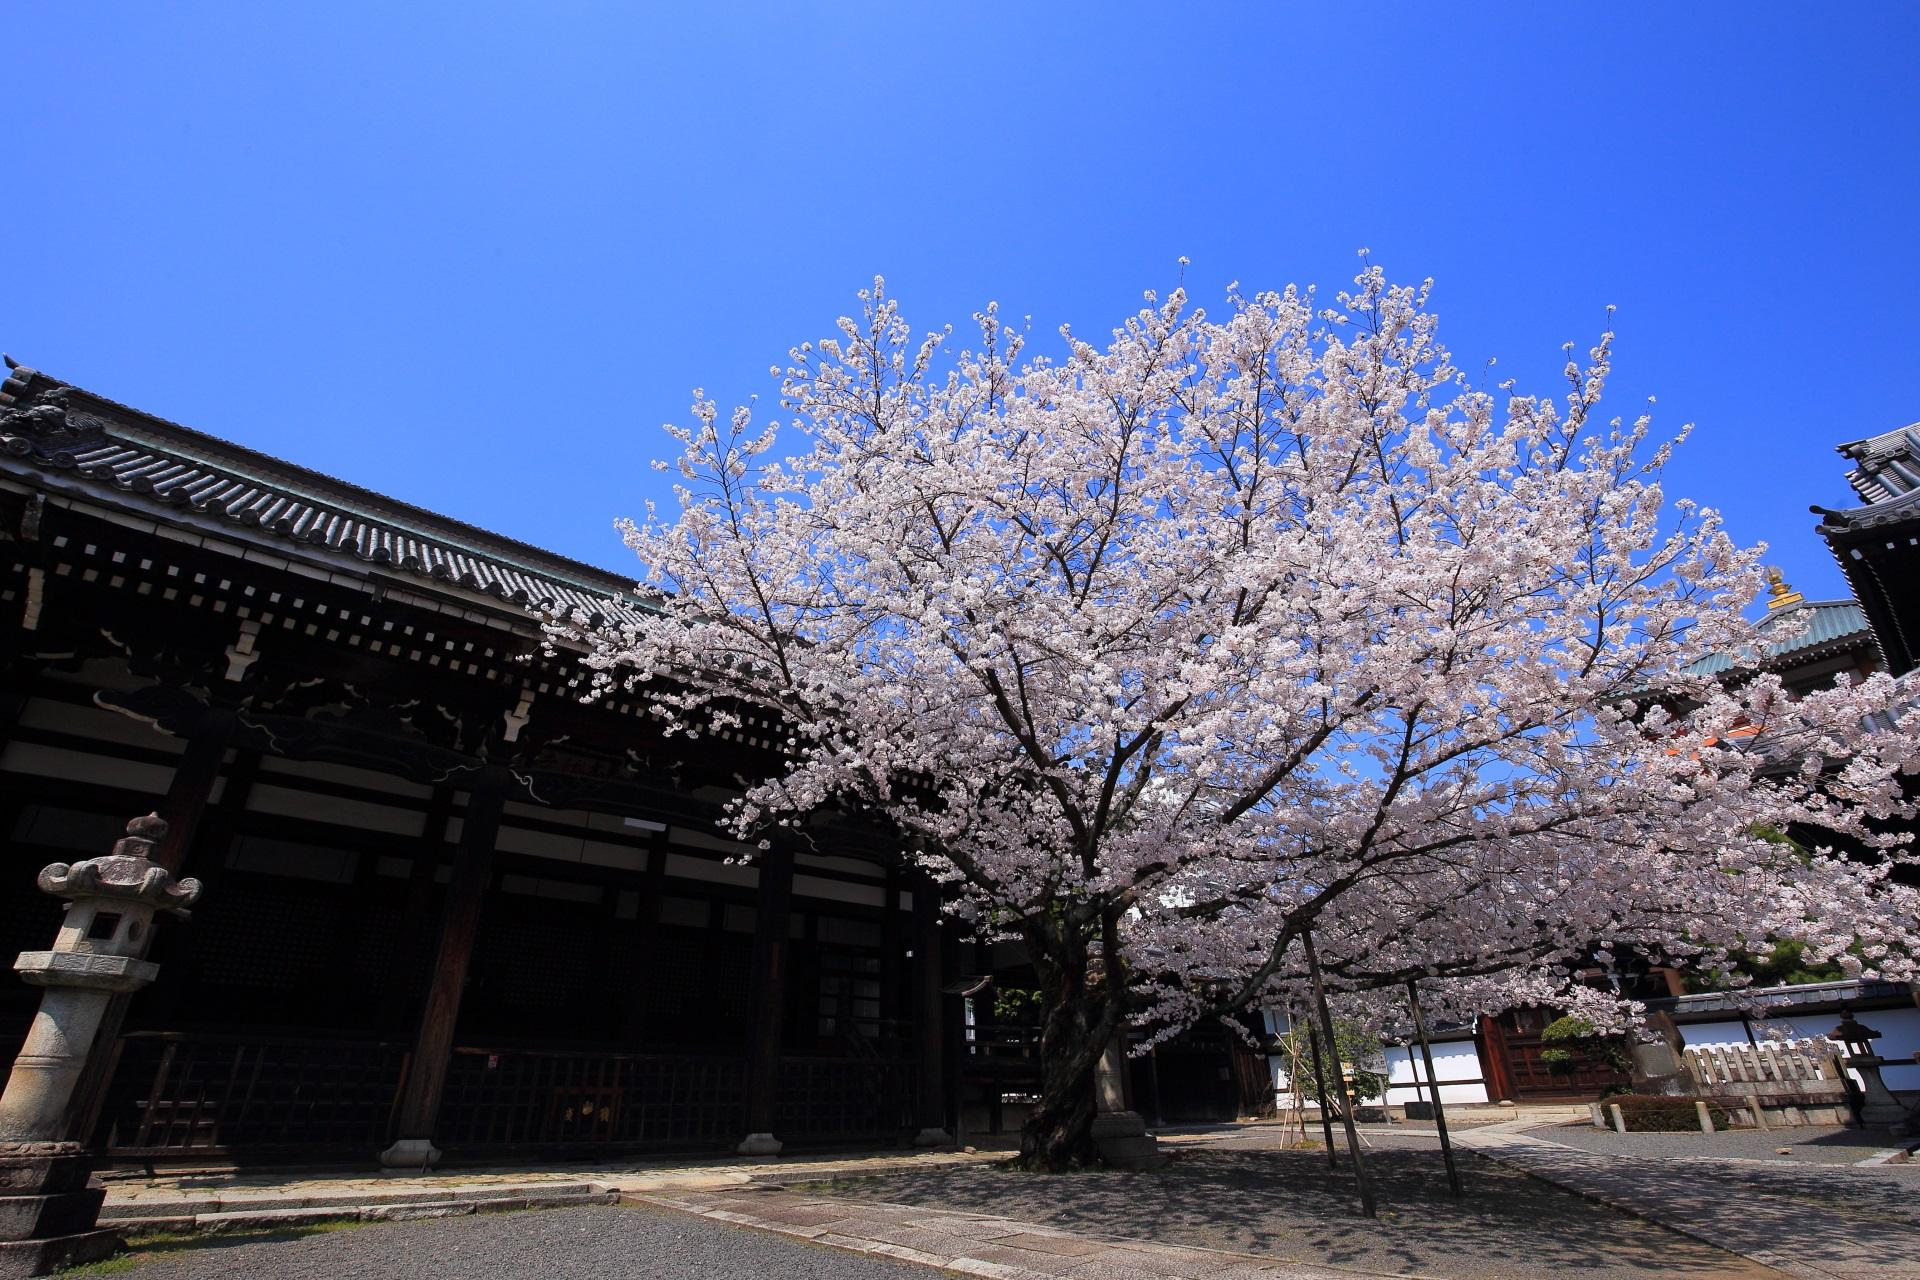 本法寺の青空に映える華やかな桜